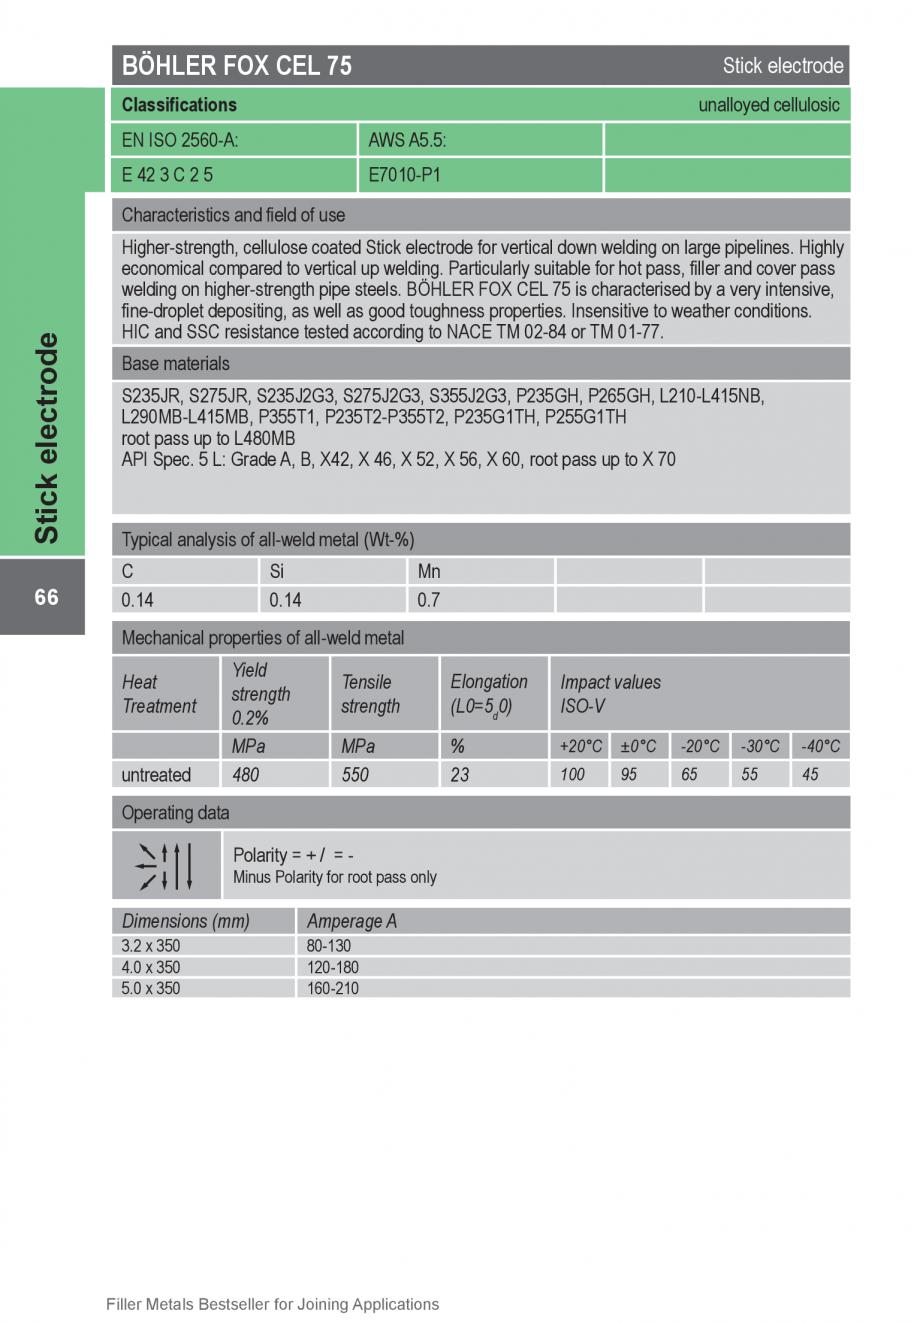 Pagina 66 - Solutii complete (materiale de adaos) pentru orice tip de aplicatie in sudare TEHNIC GAZ...